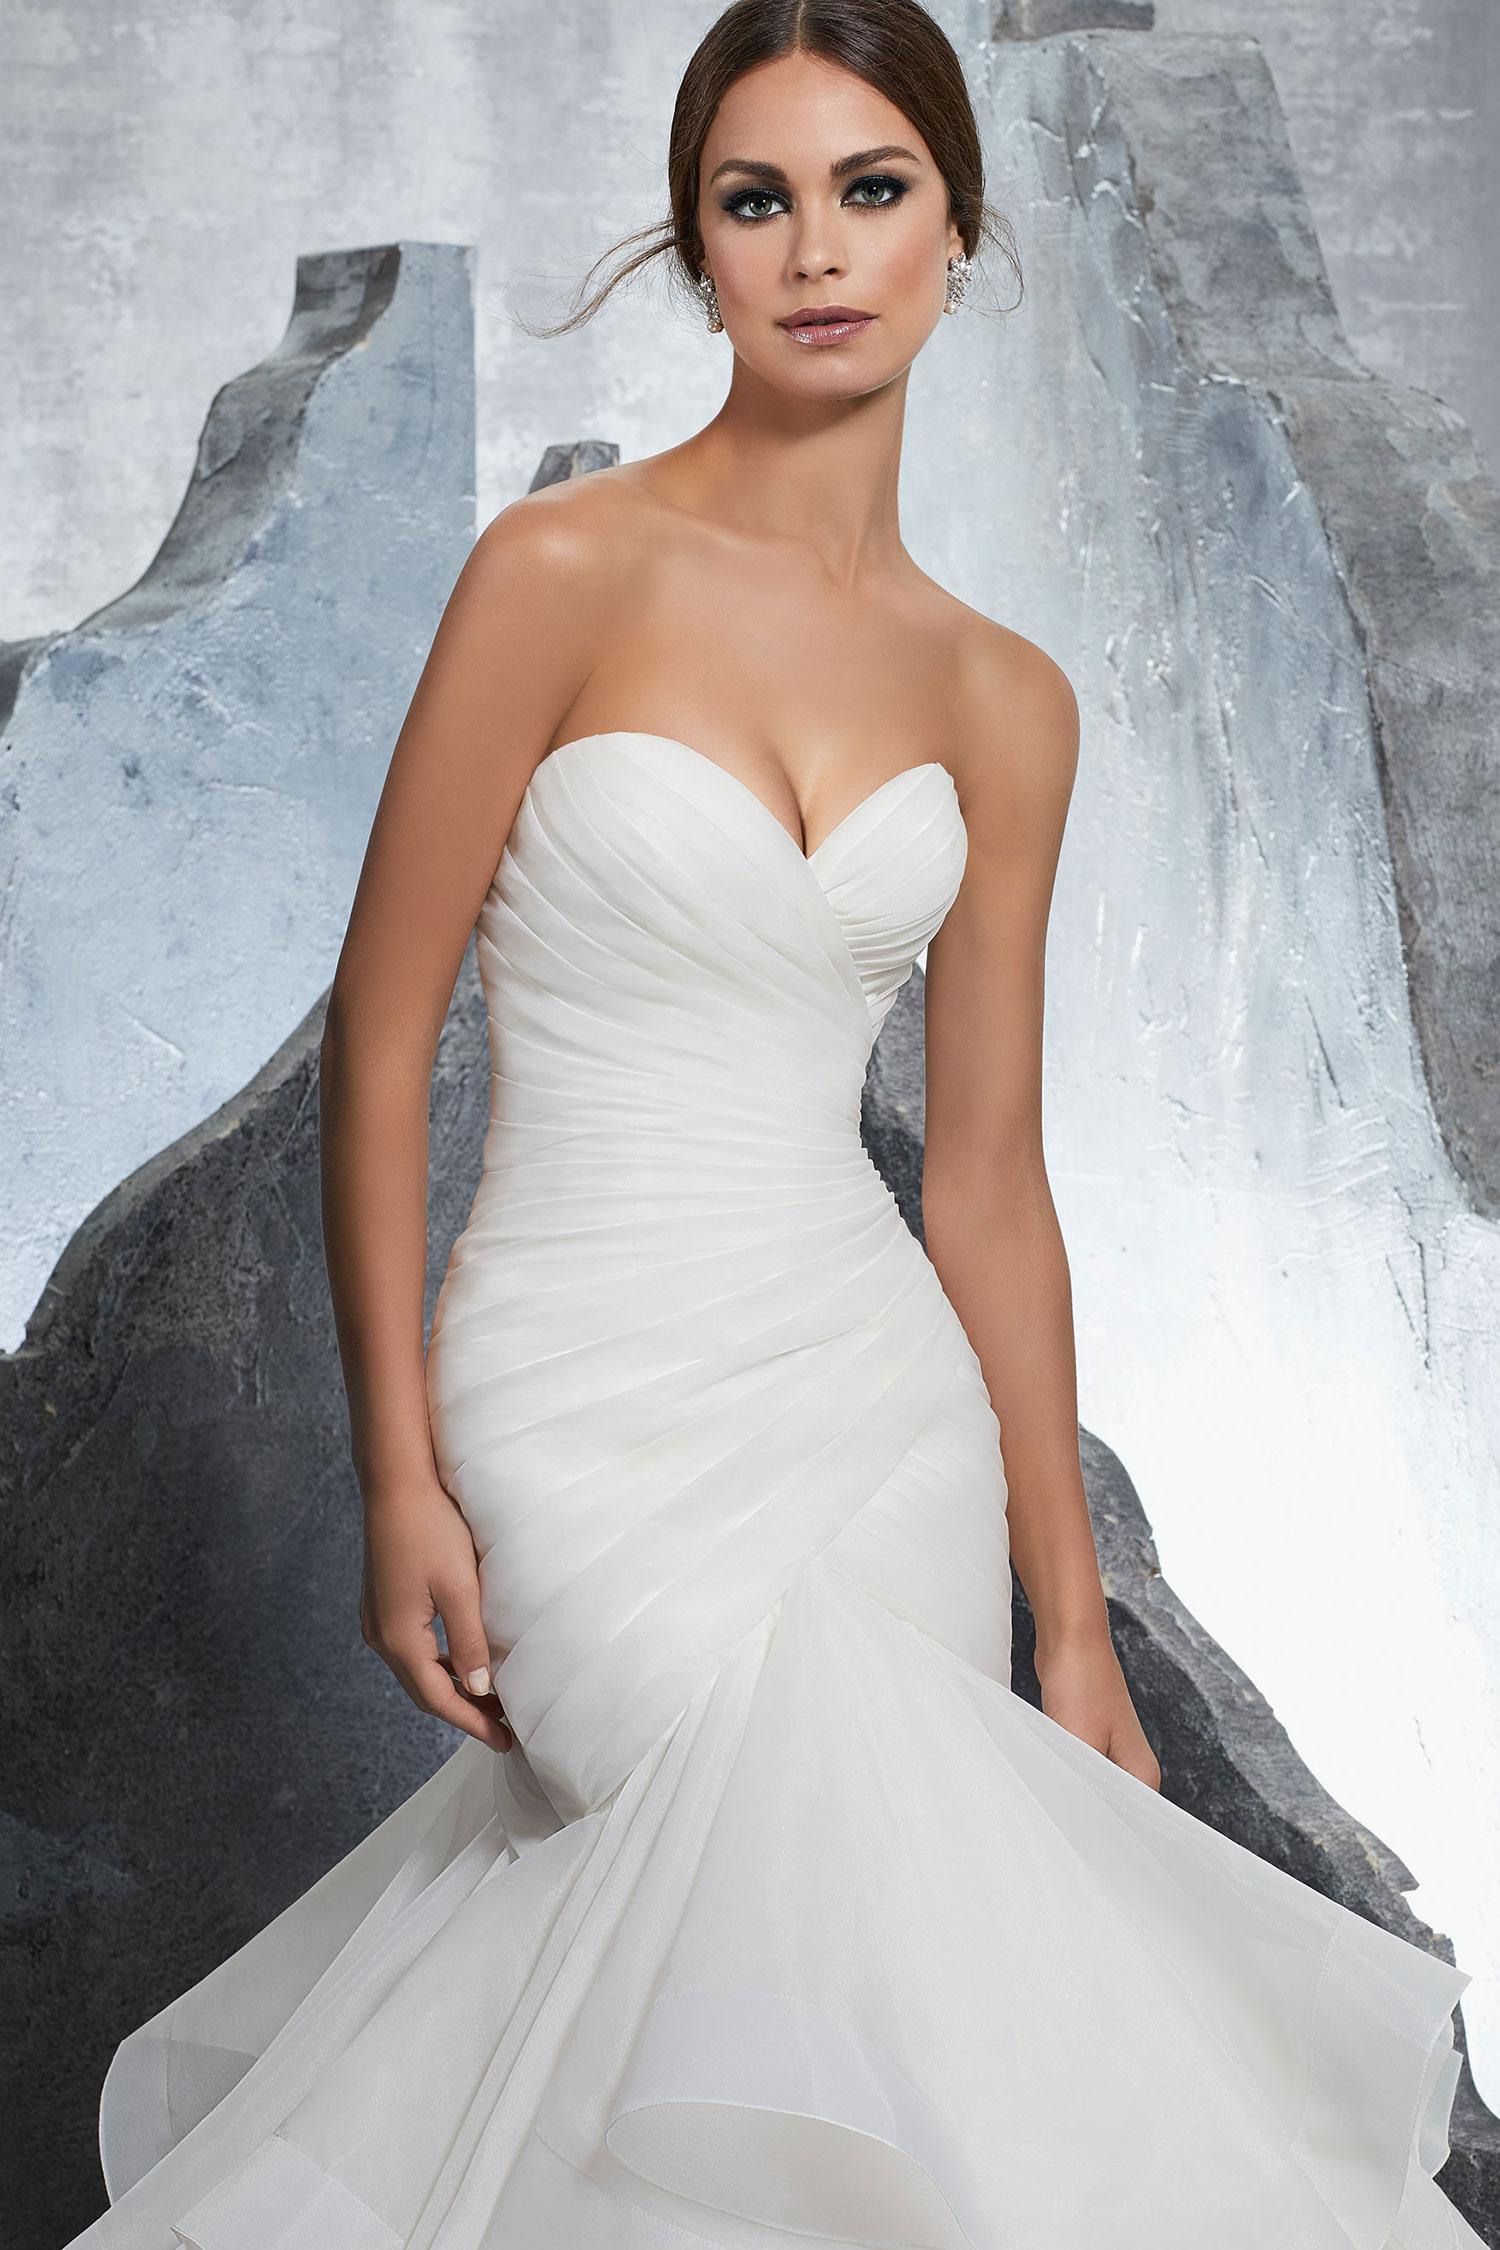 Kezdőlap Kínálatunk Menyasszonyi ruhák Morilee Karina. Karina dc448454e0